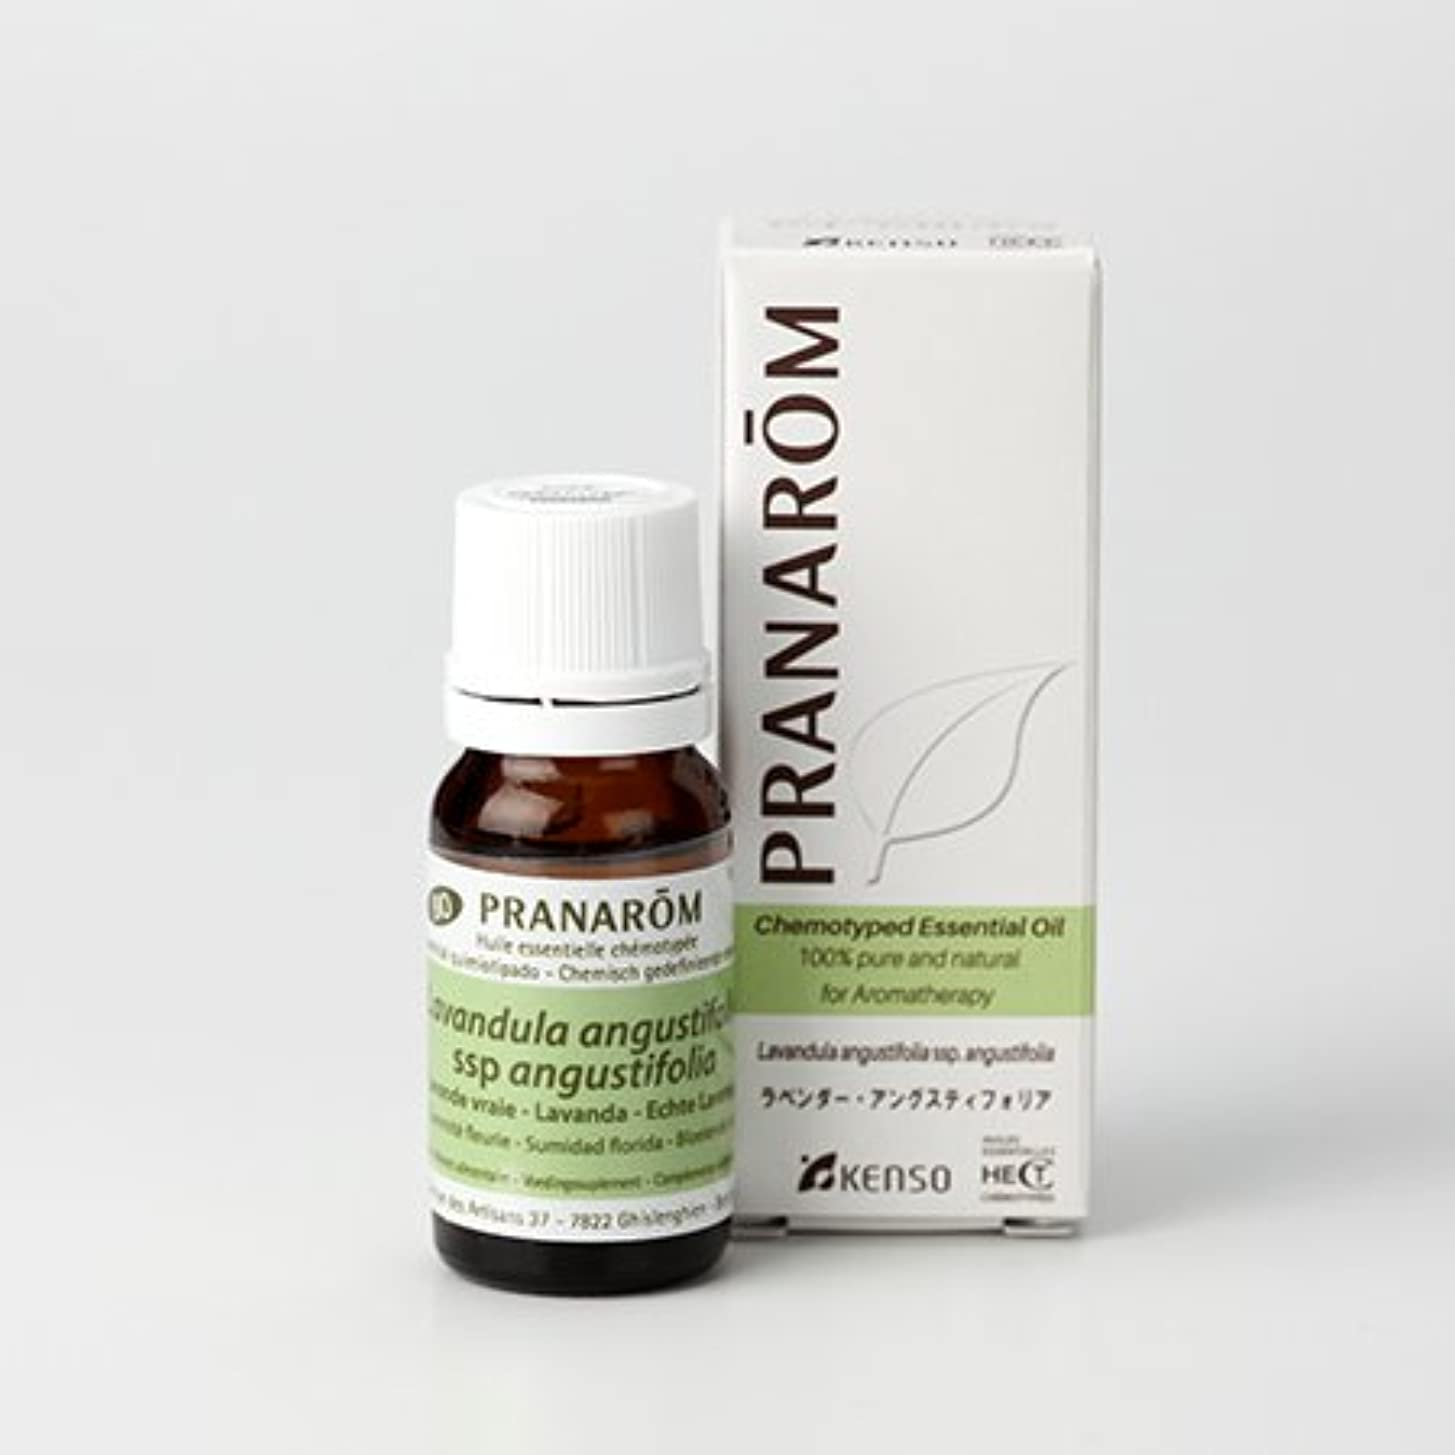 プラナロム精油(P-098 ラベンダーアングスティフォリア?10ml)